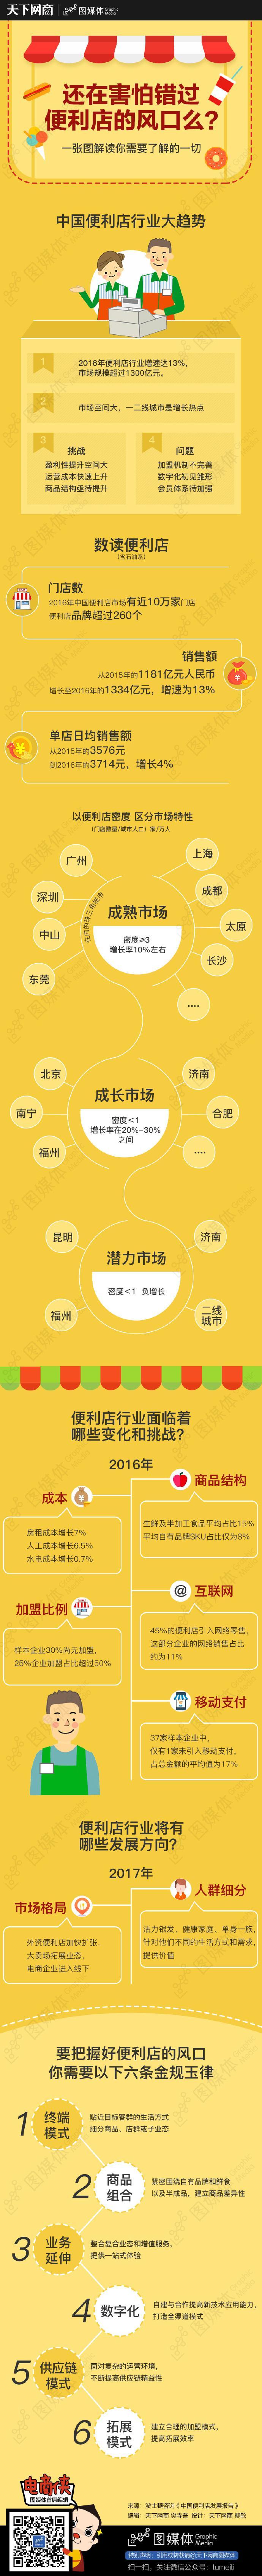 中国便利店行业大趋势——信息图